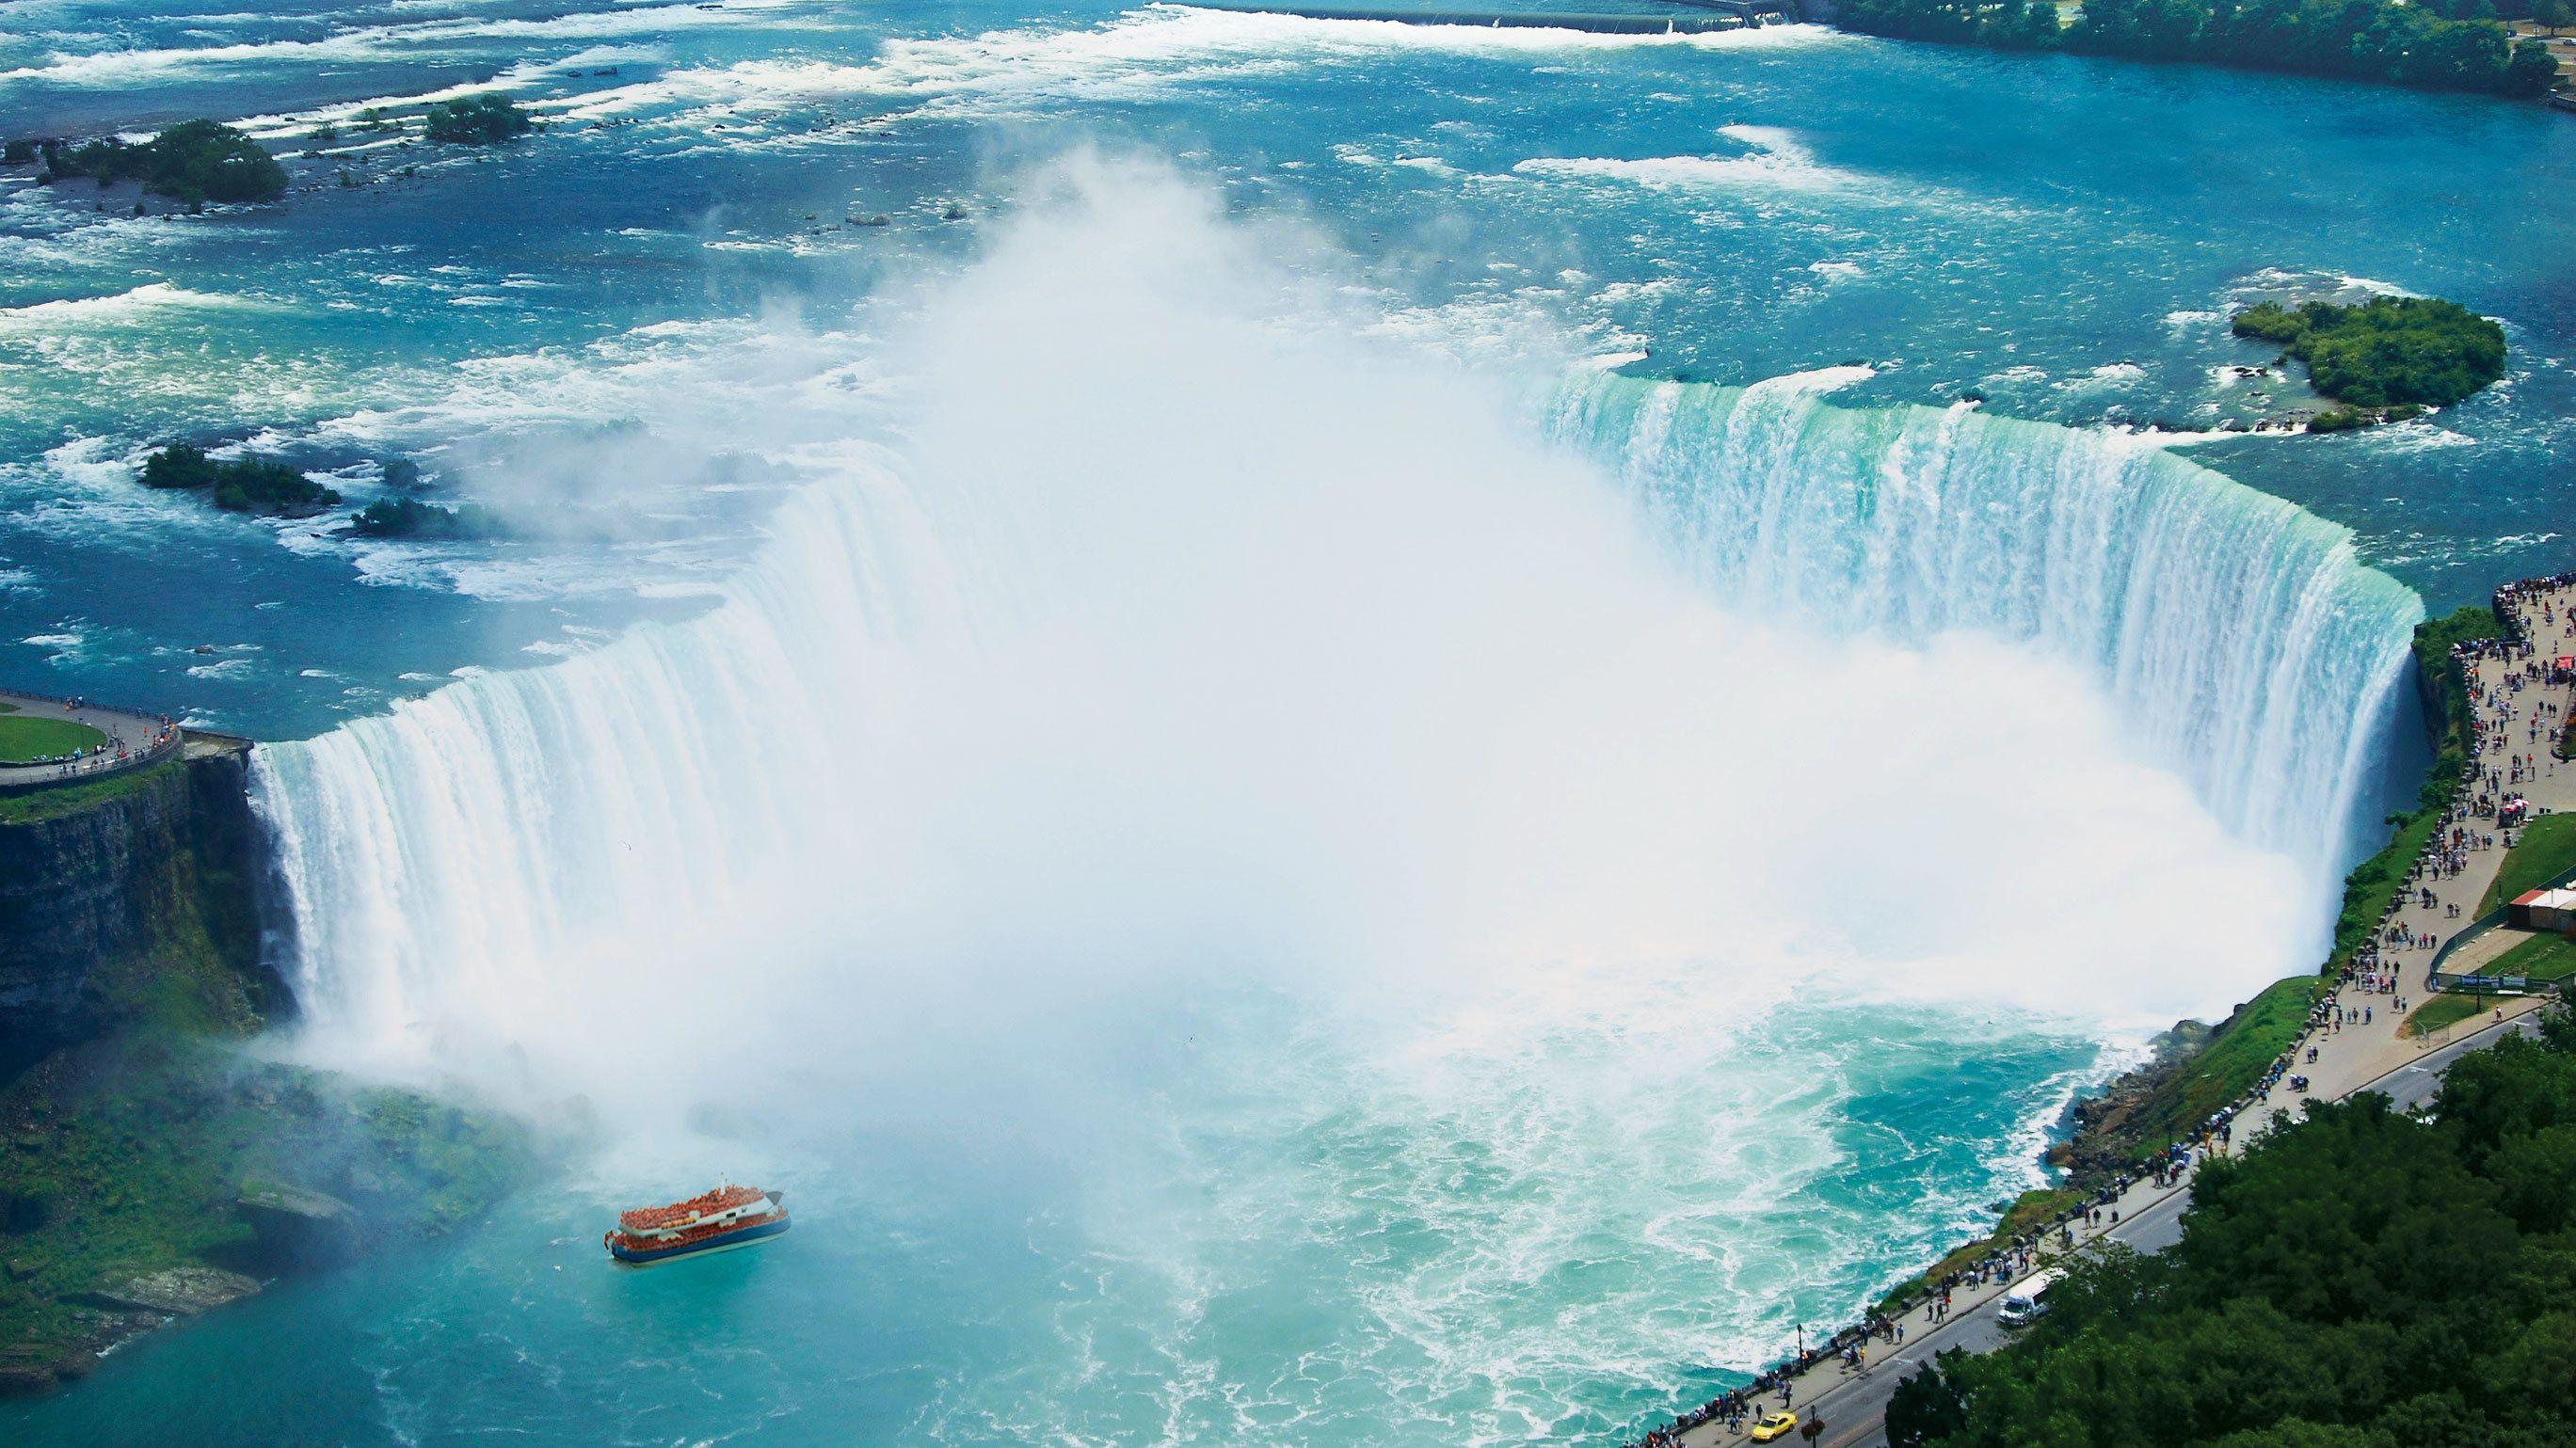 Boat going along the waterfall in Niagara Falls